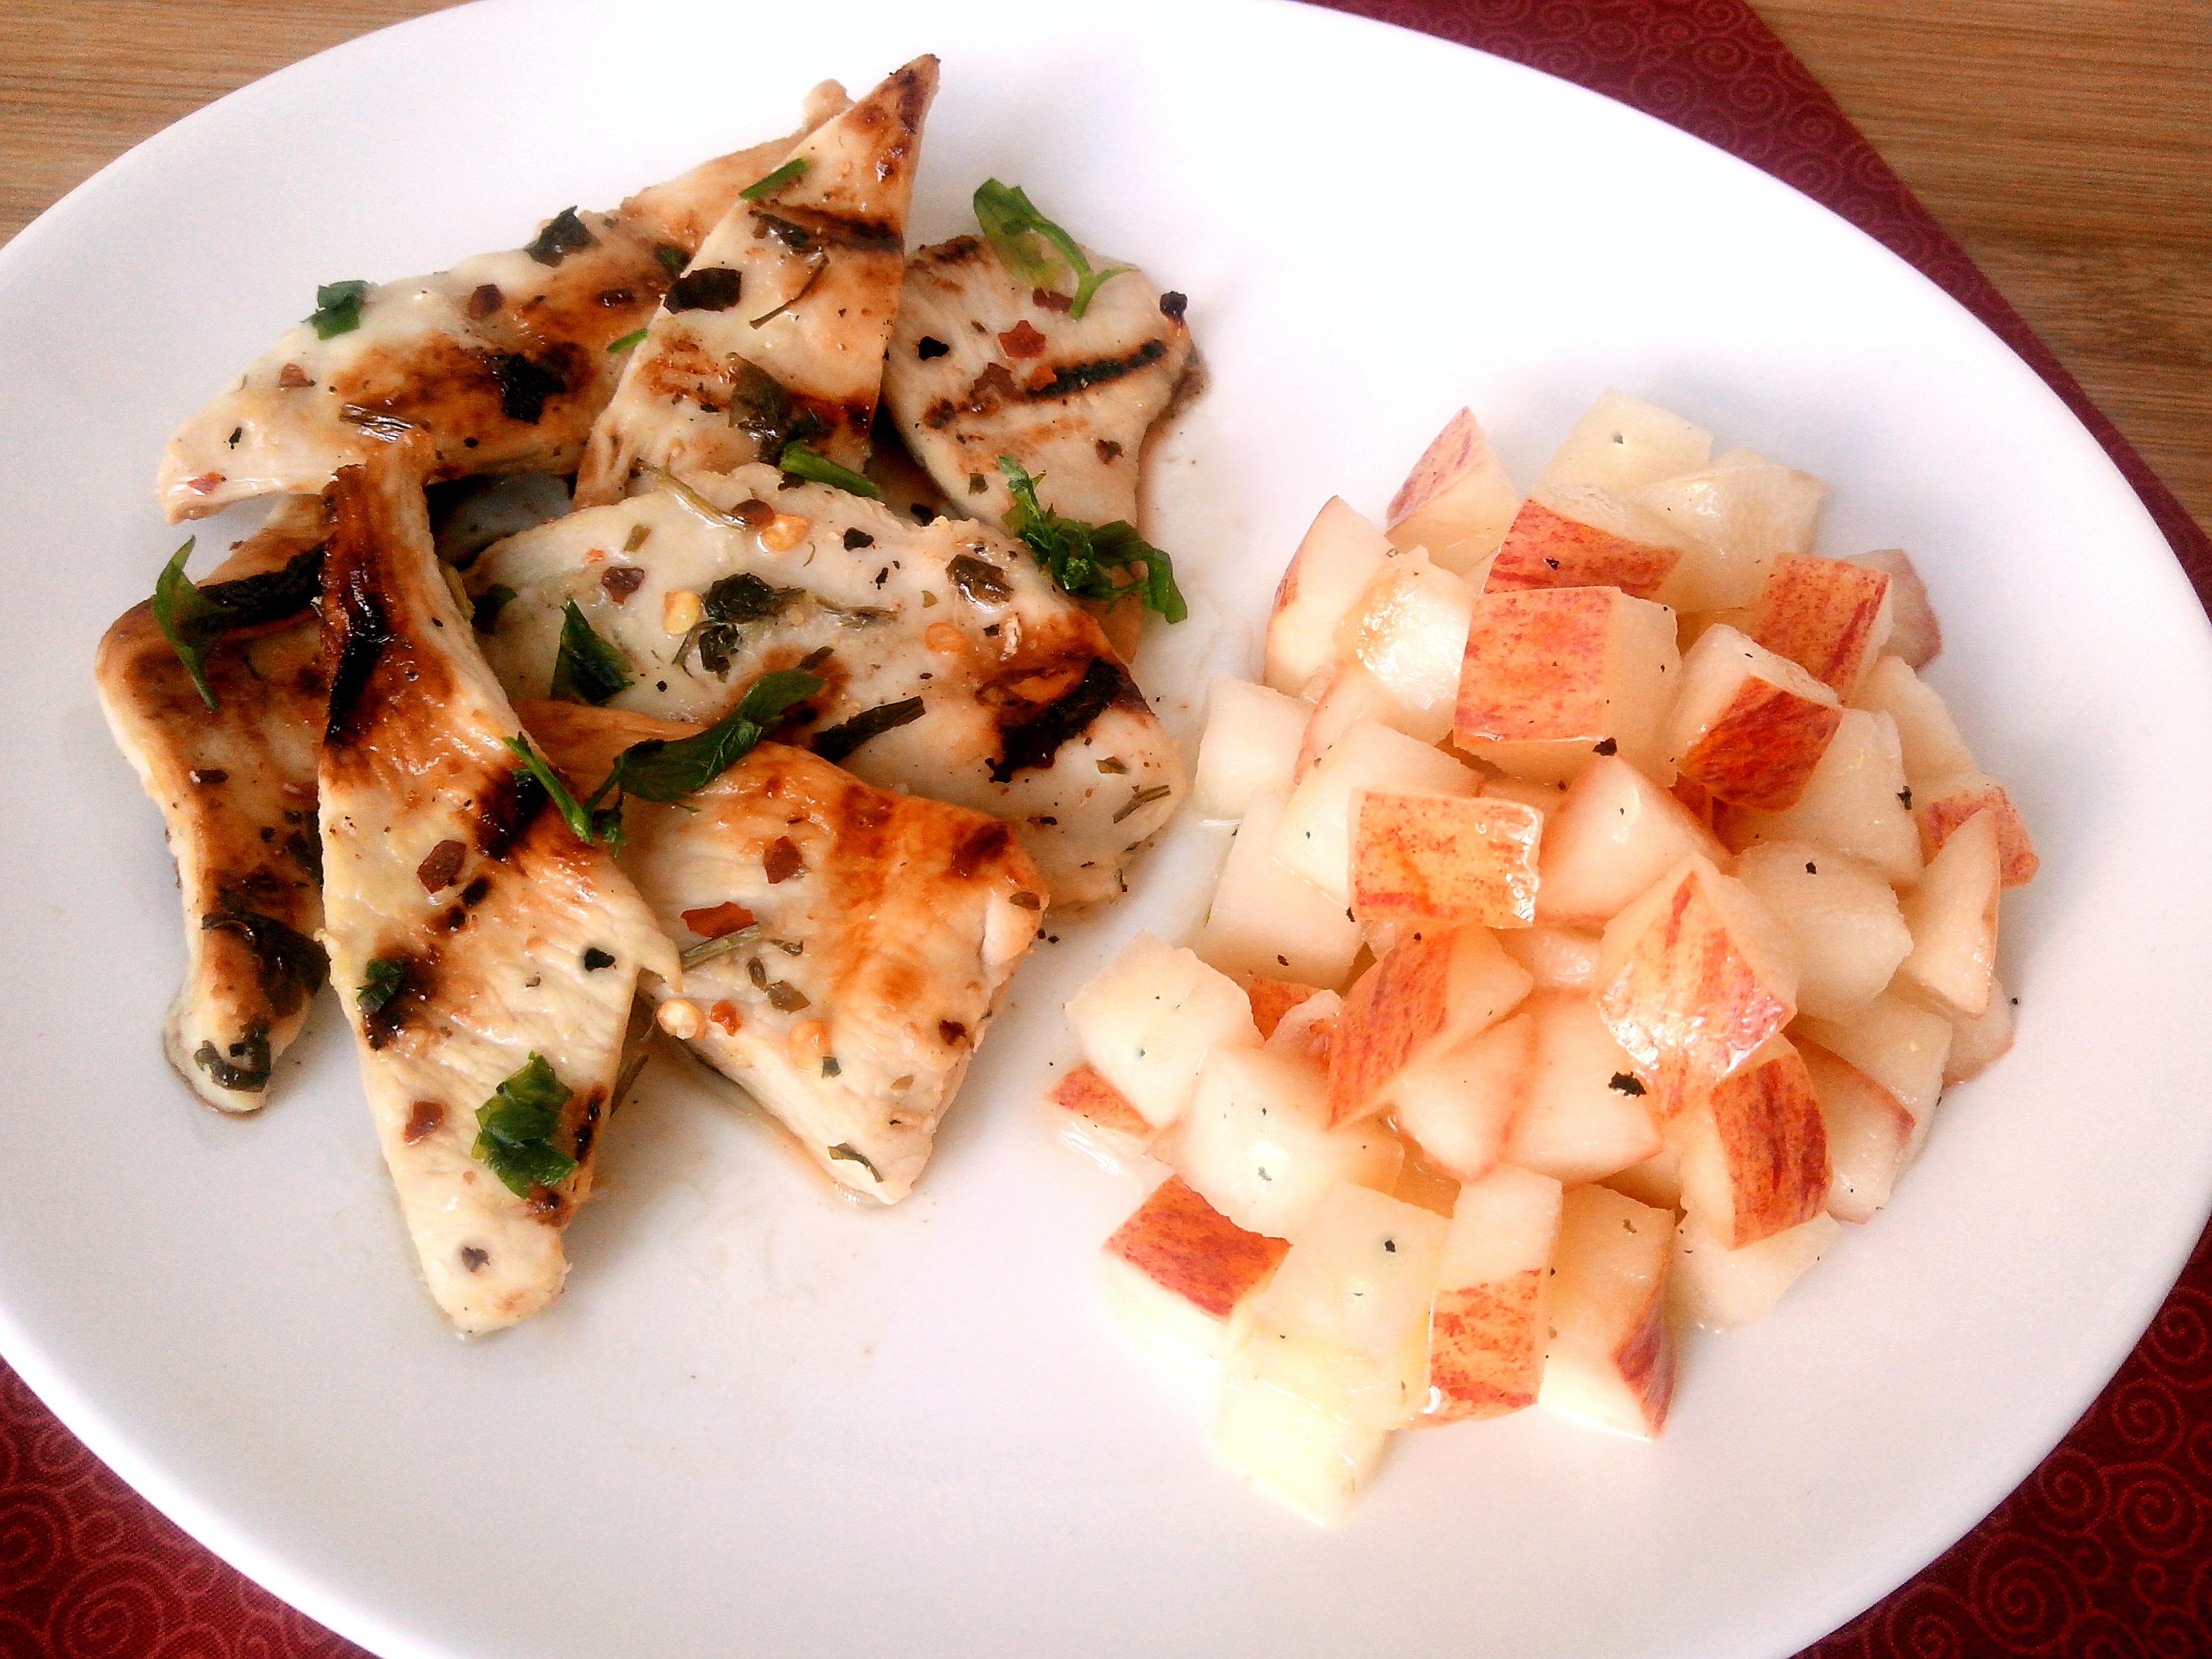 Filé de frango à tailandesa com salada de maçã